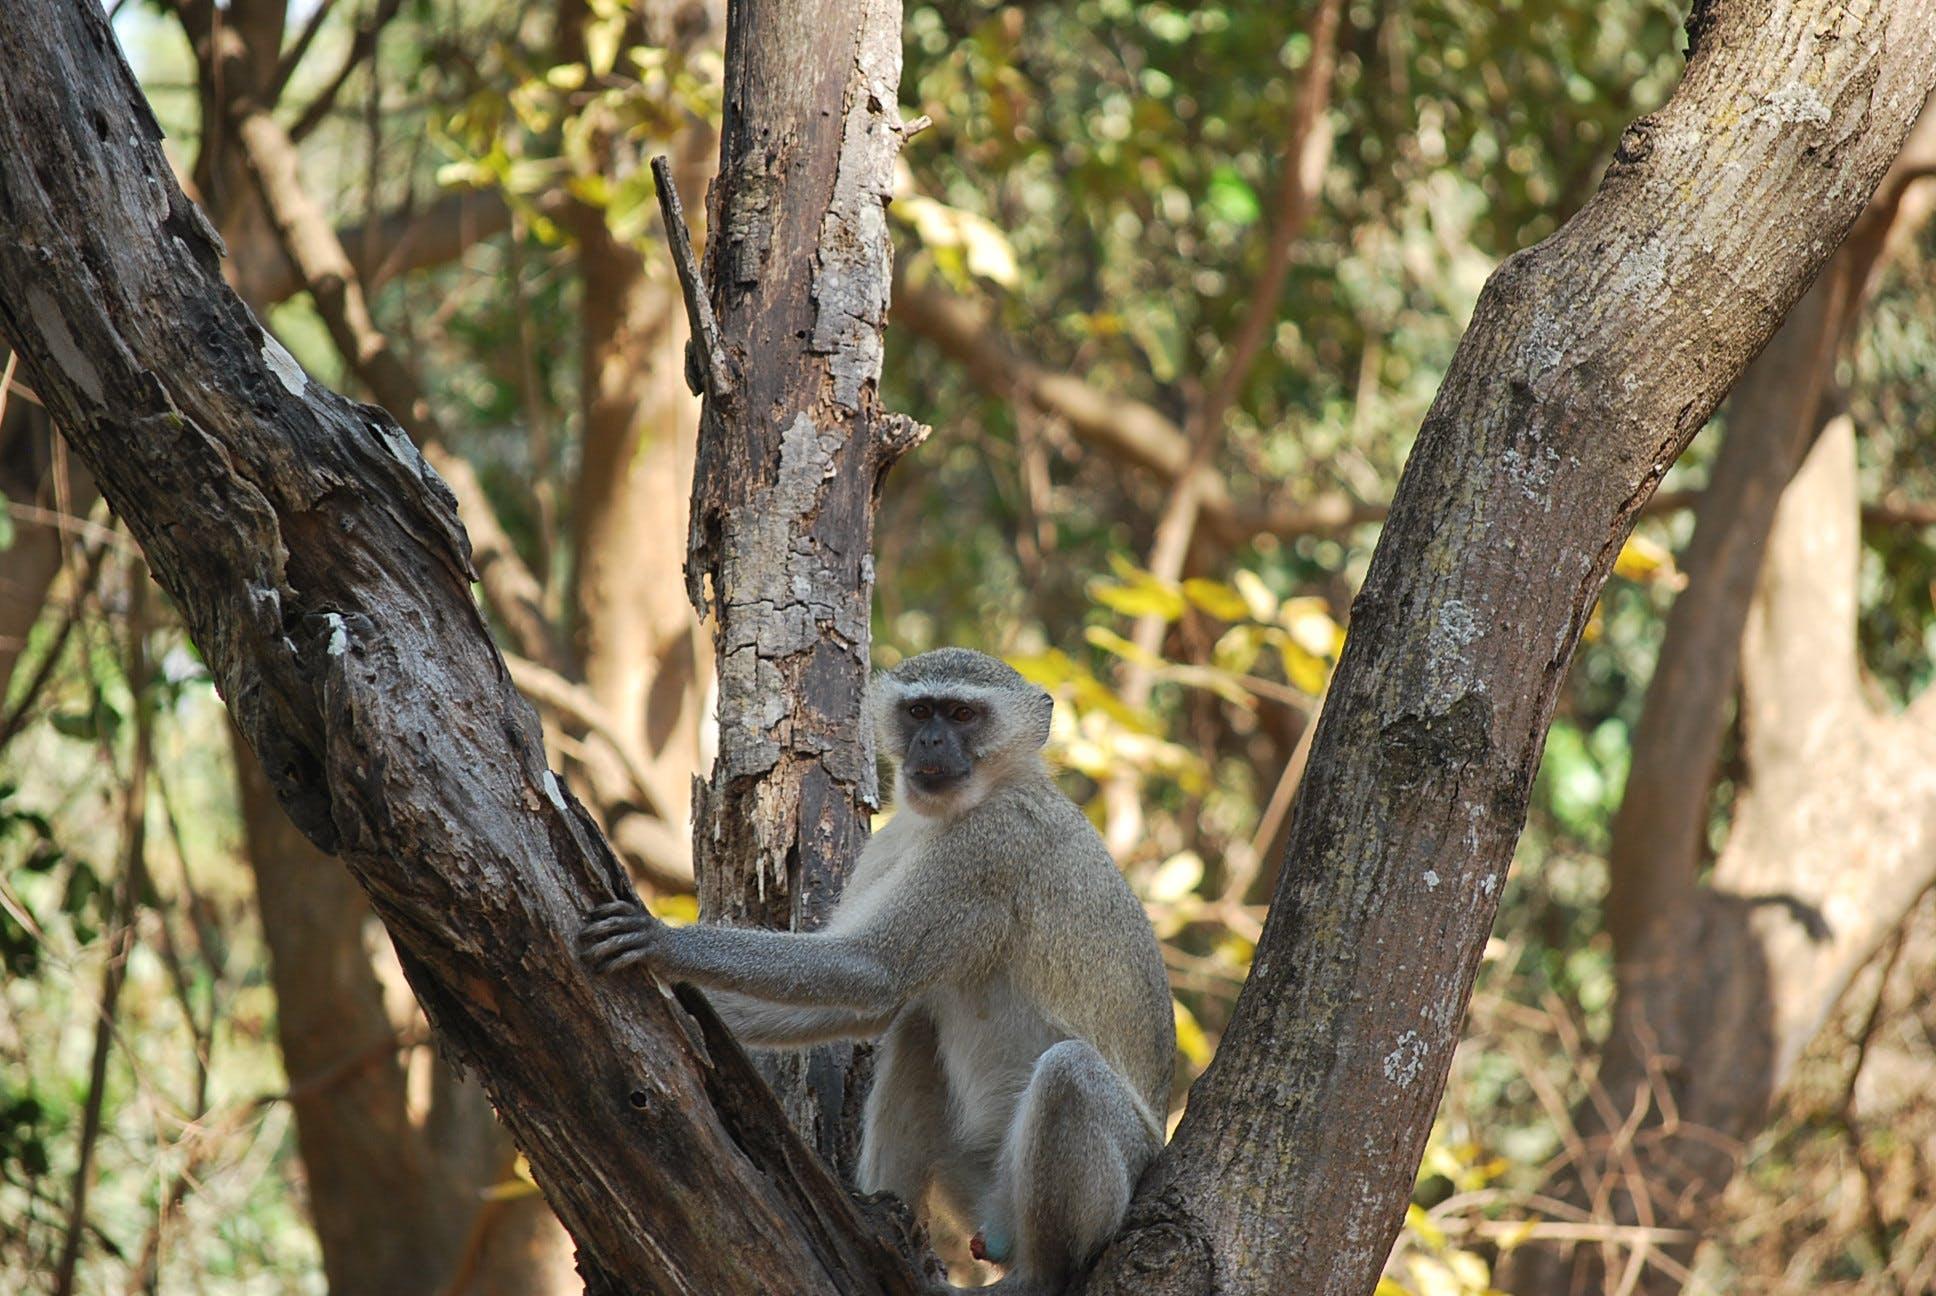 Gratis lagerfoto af monkey i et træ